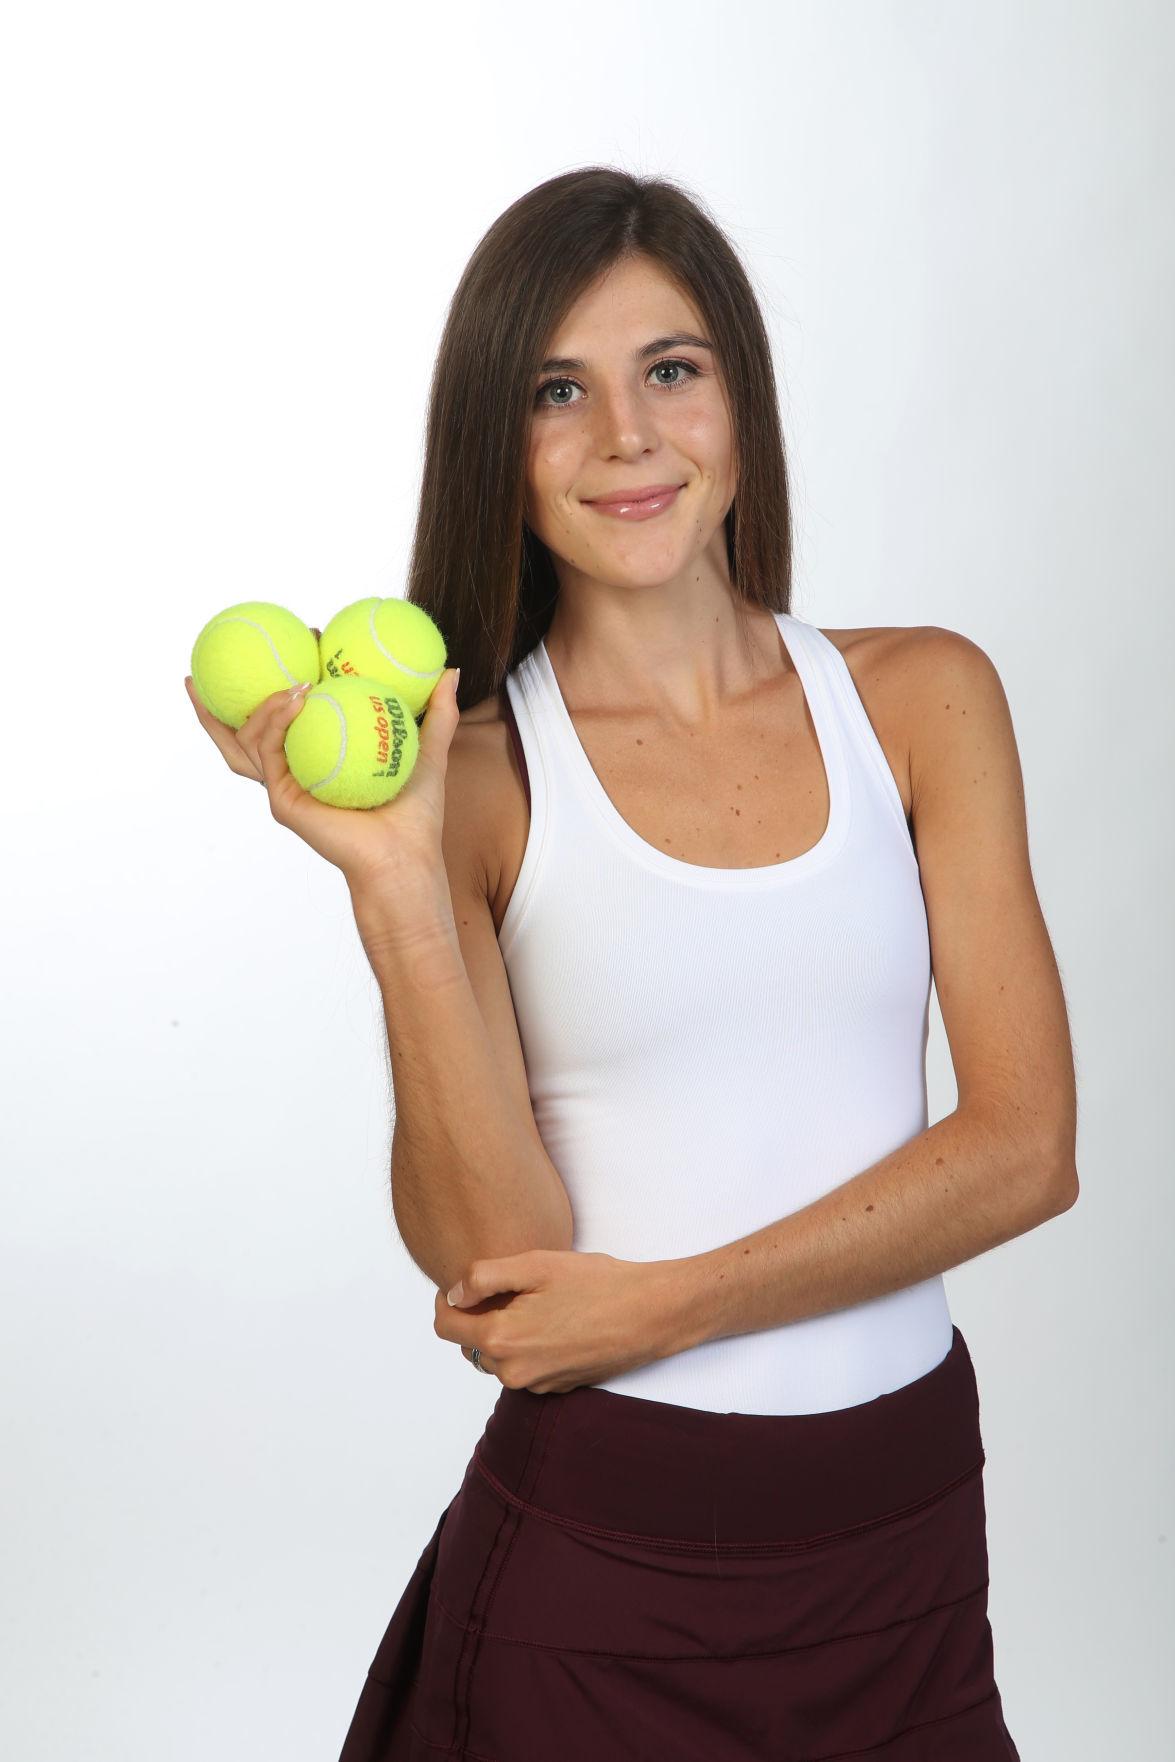 HS All World tennis